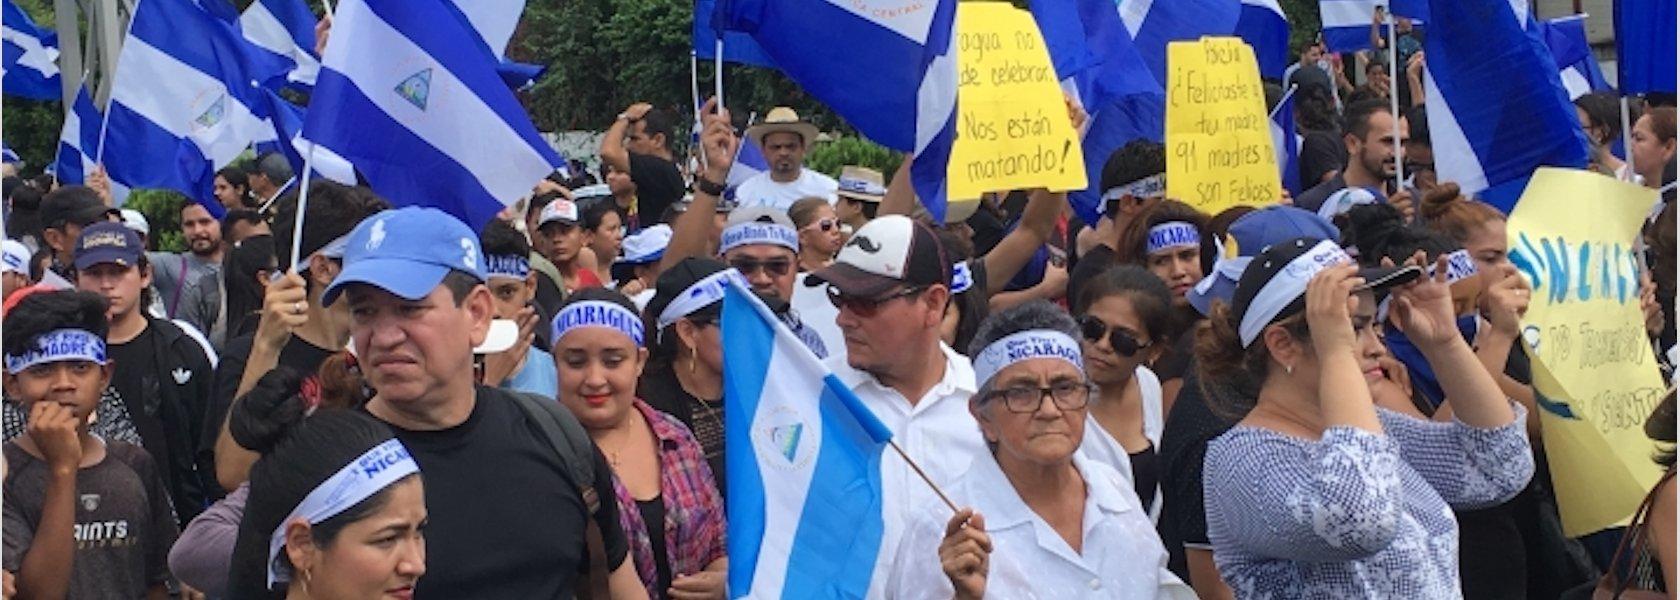 Nicaragua: Patrón de ataques contra periodistas involucrados en labores de información sobre la represión de las protestas en el país